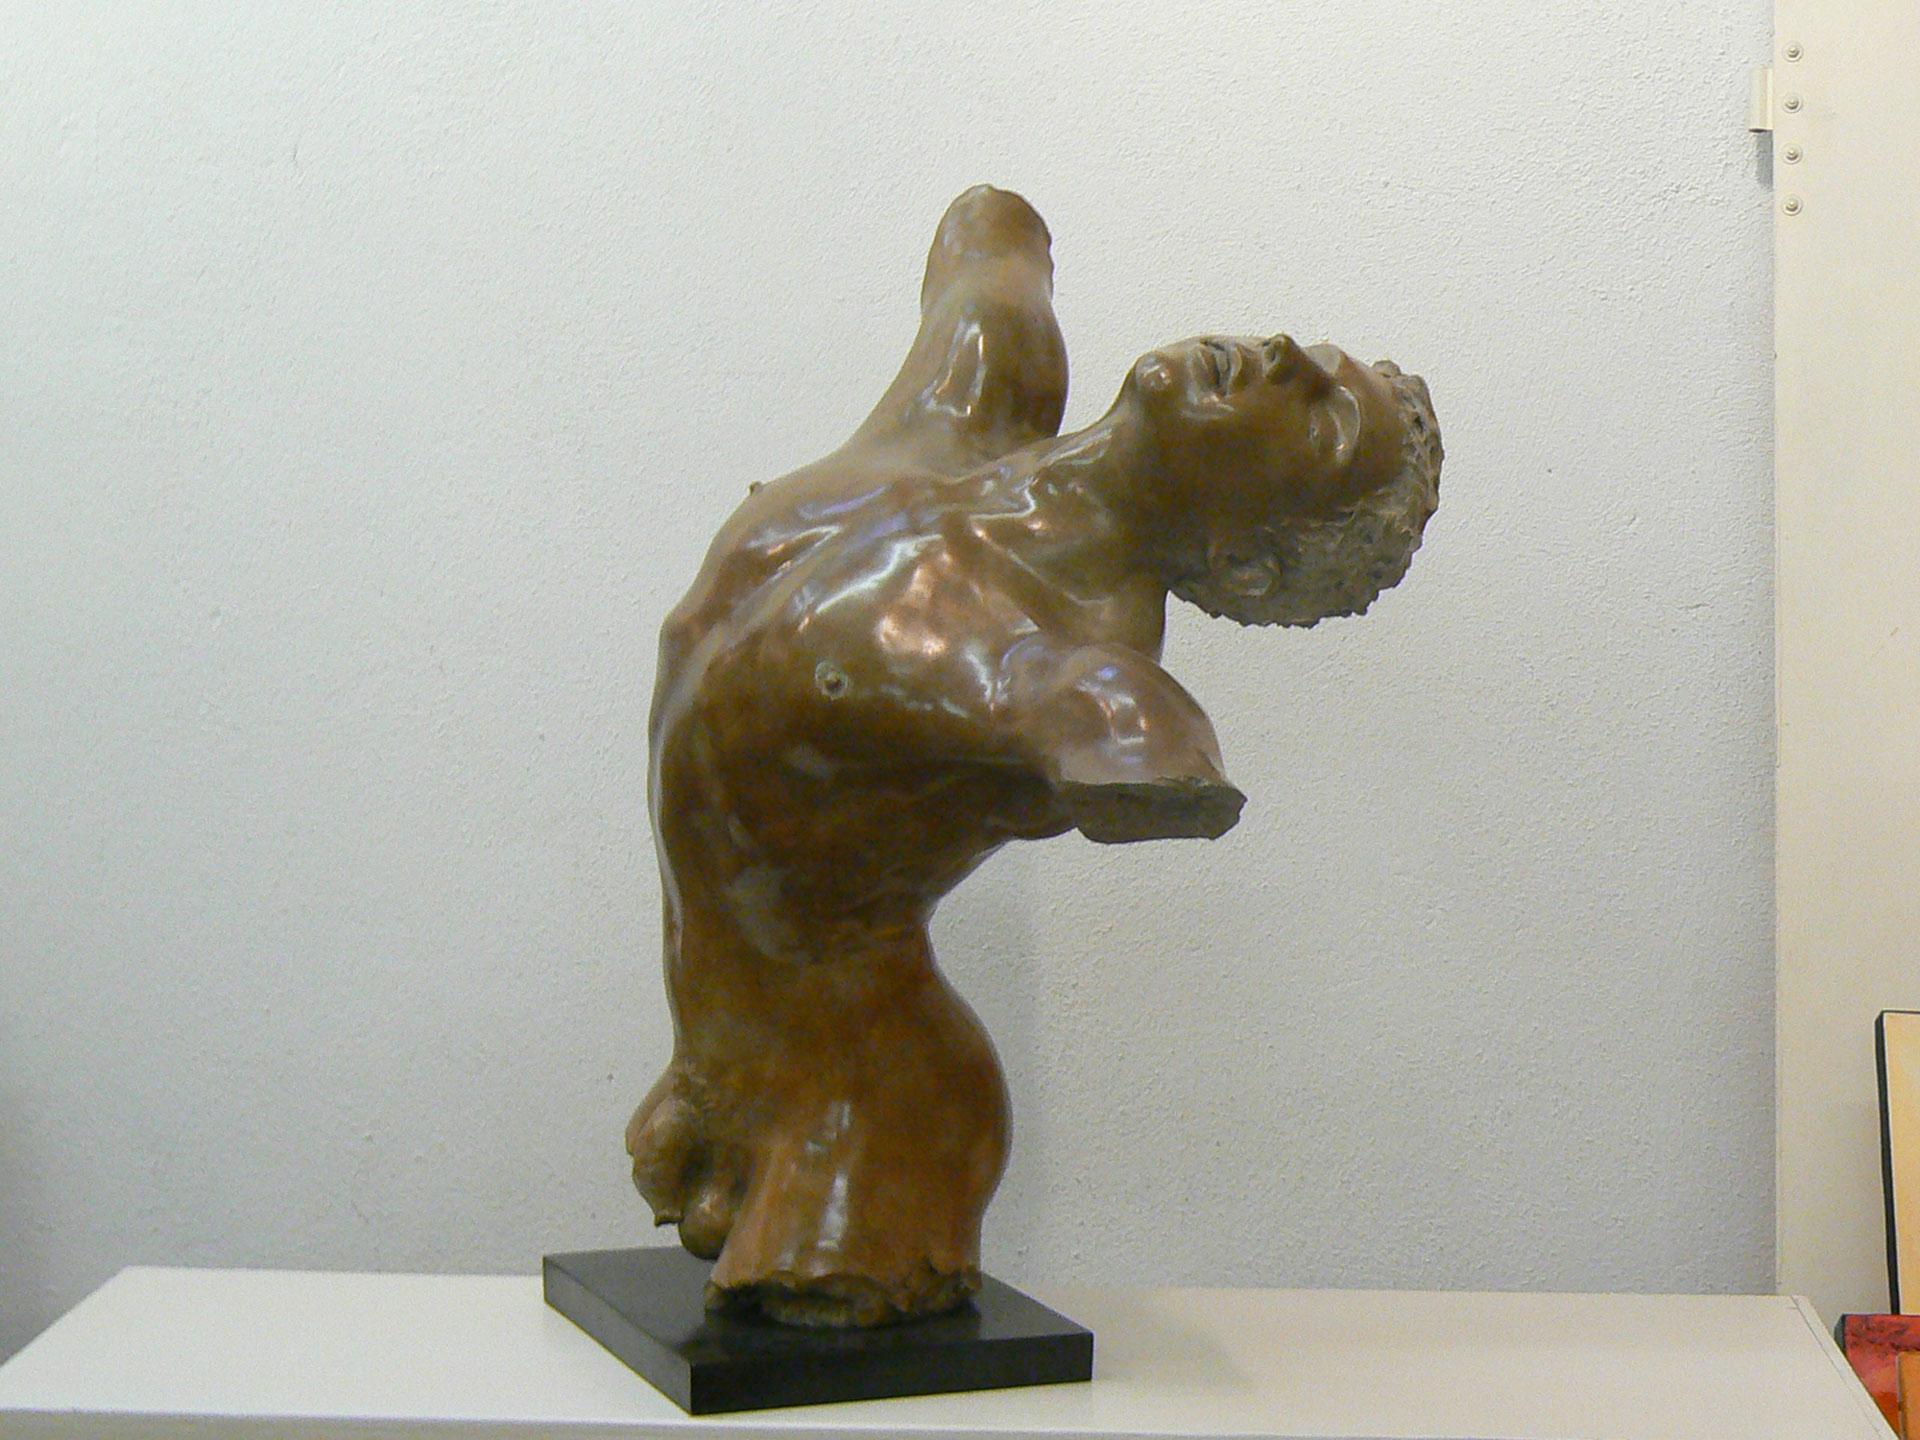 Eveil-Bronze-H71cm-Roger-Vene-2